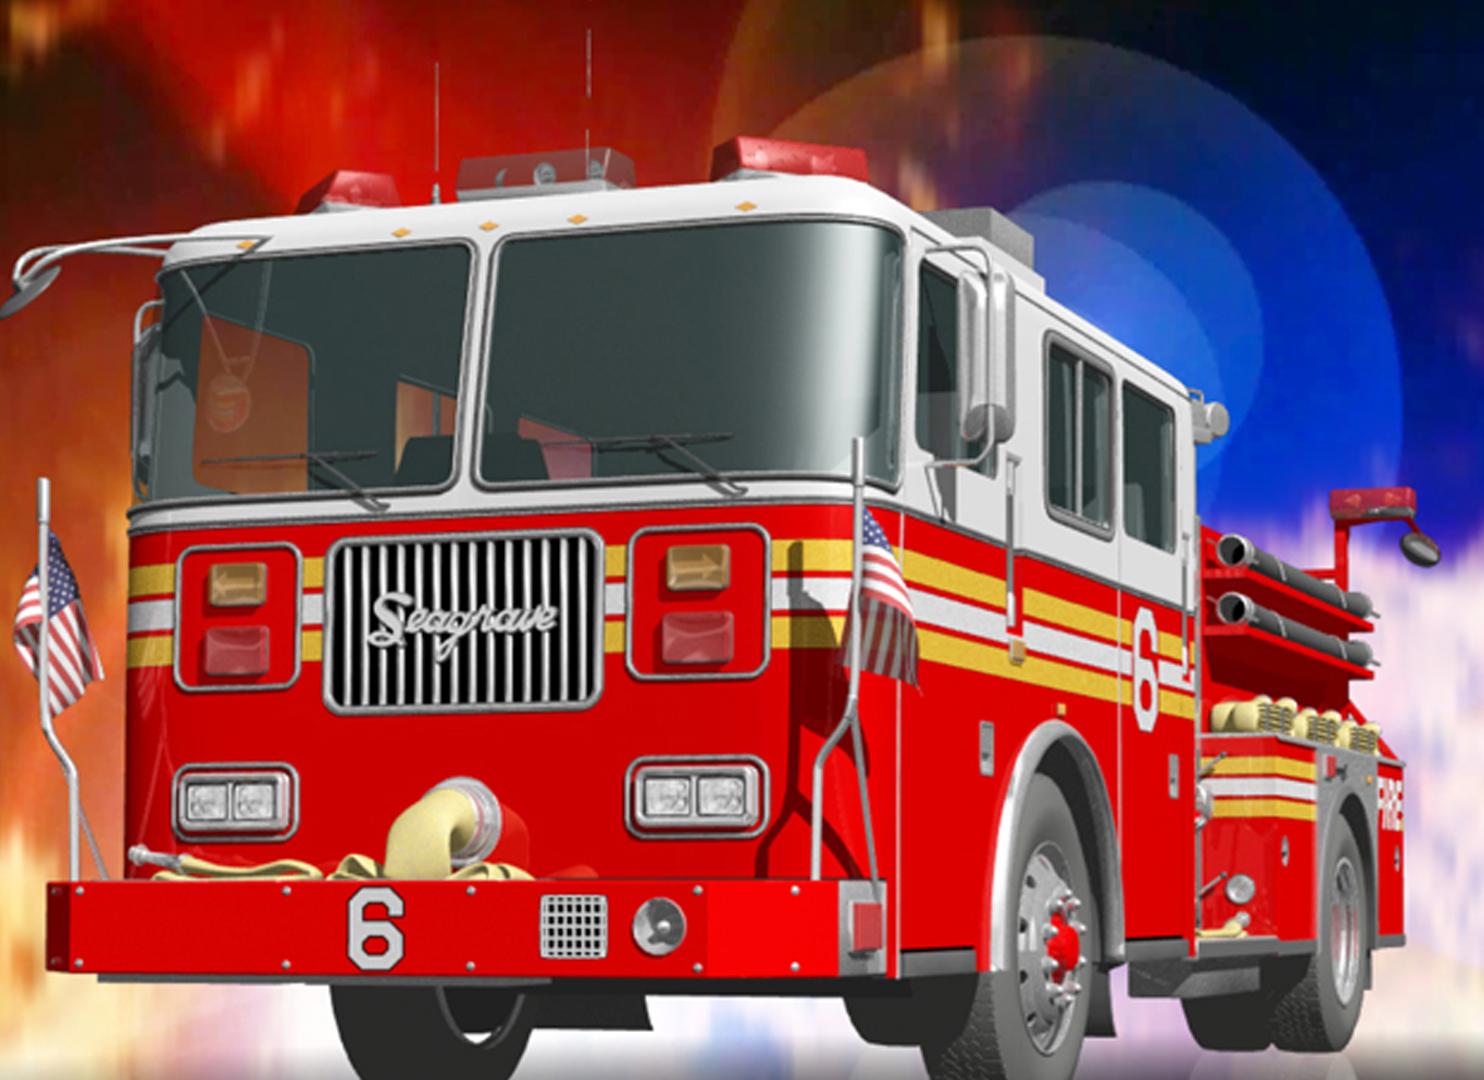 fire truck_1481406969571.jpg